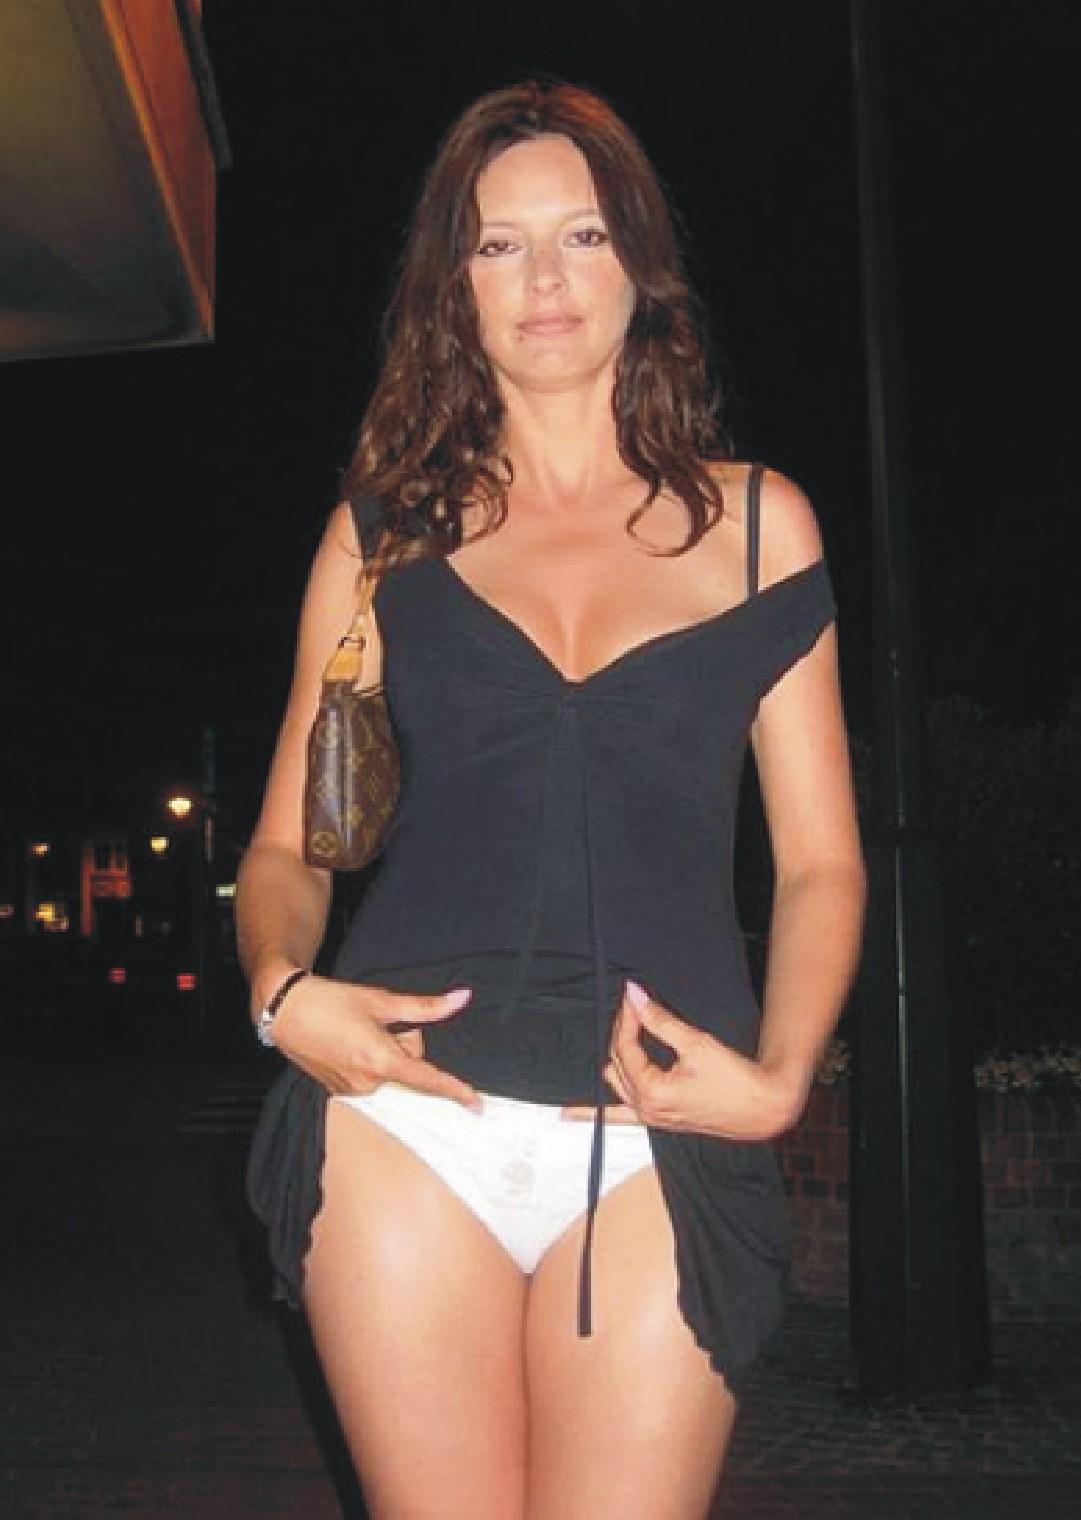 Armenian girls nude exposed